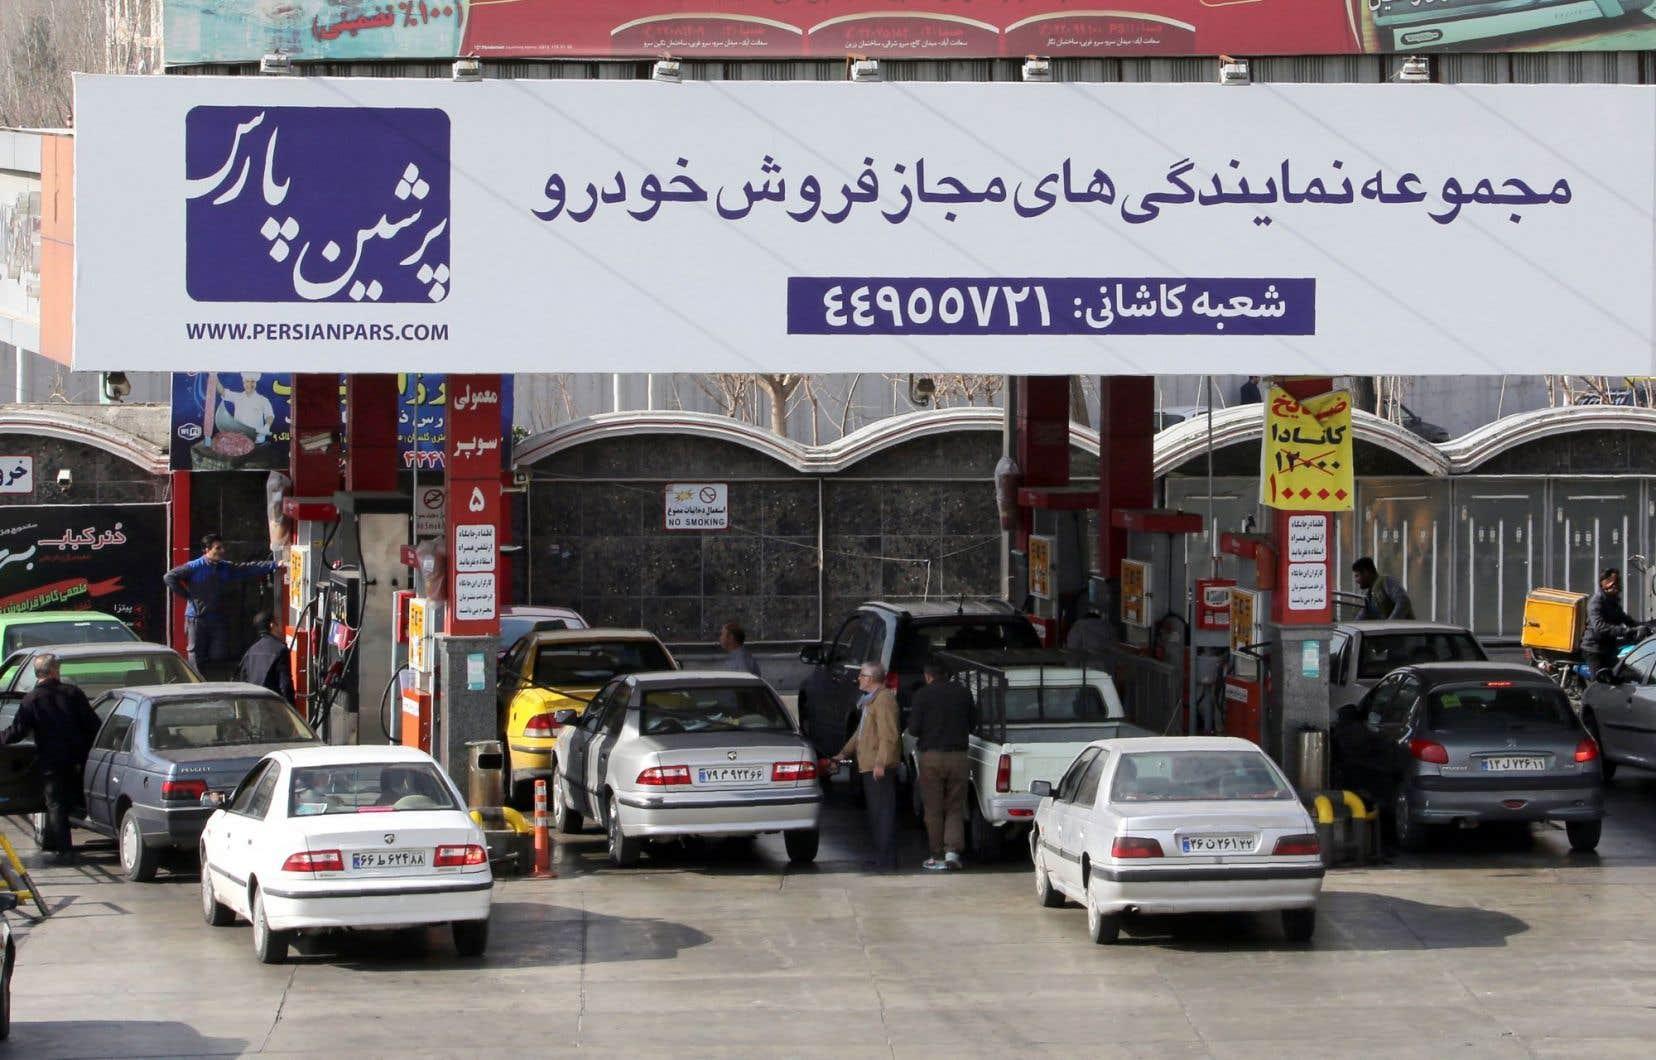 À Téhéran, des automobilistes font le plein d'essence. La fin des sanctions contre l'Iran amènera un flux supplémentaire de pétrole sur les marchés, ce qui contribuera à pousser les prix vers le bas.